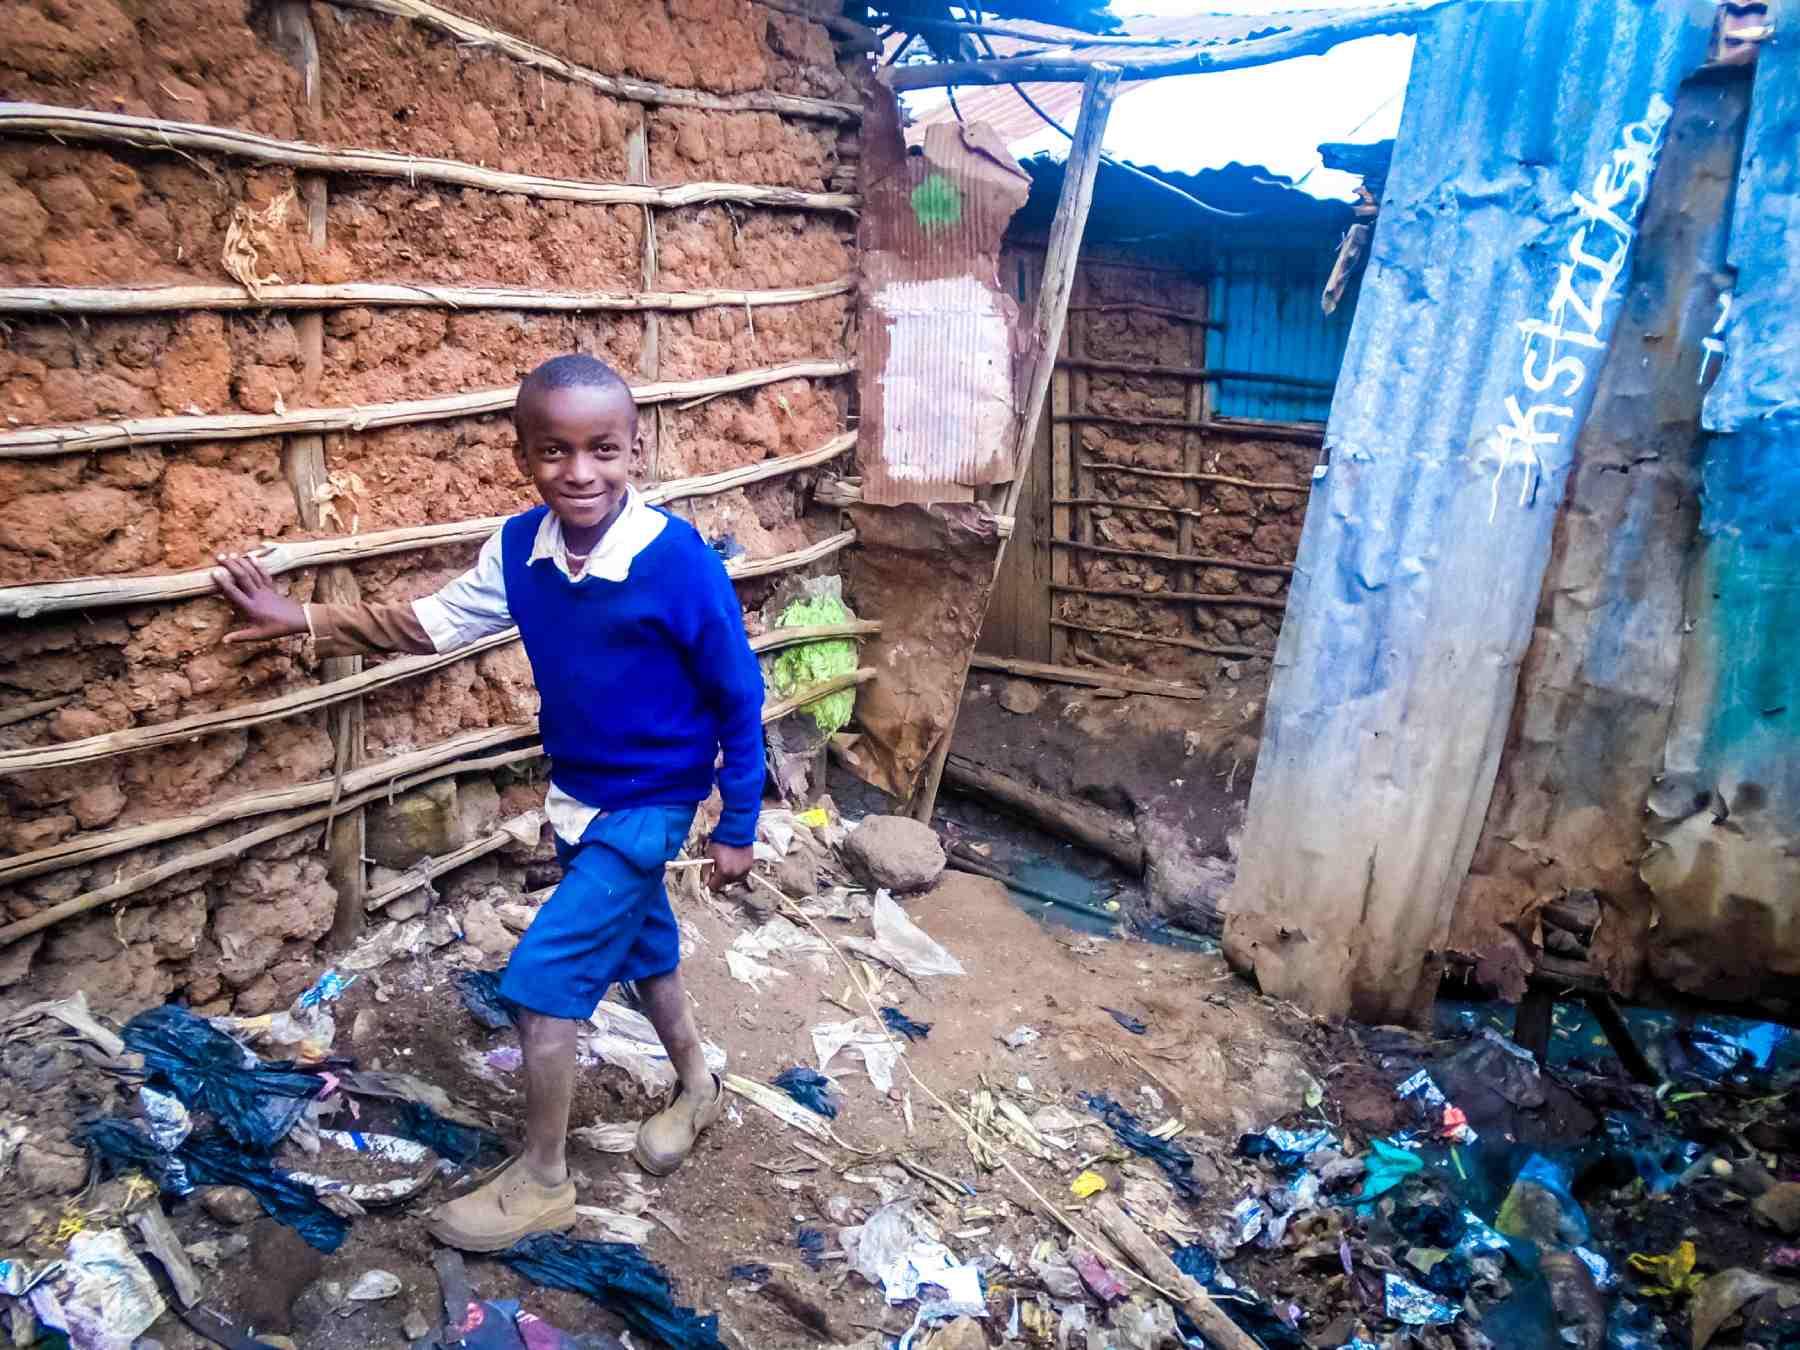 Ein junge in blauer Kleidung lehnt lächelnd an einer Wand aus Lehm, von Müll umgeben